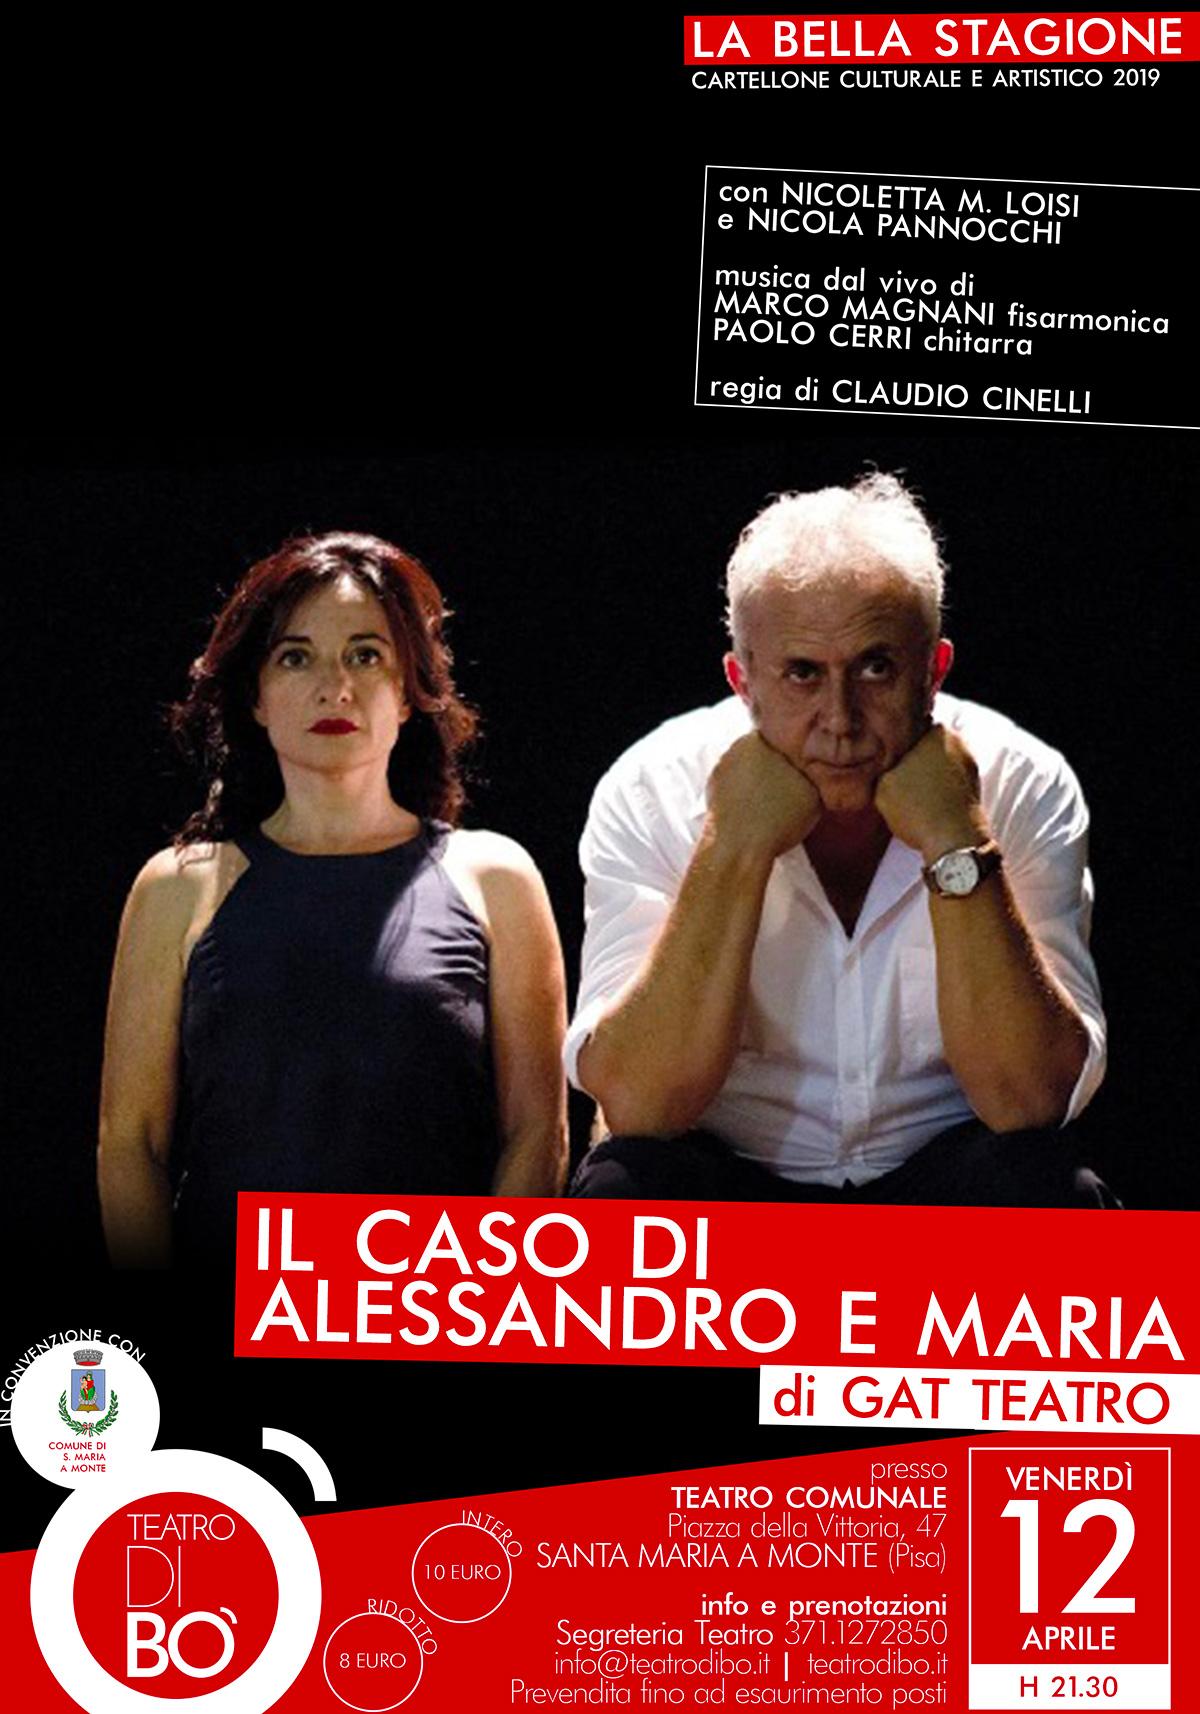 il caso di alessandro e maria 2019 locandina teatro di bo